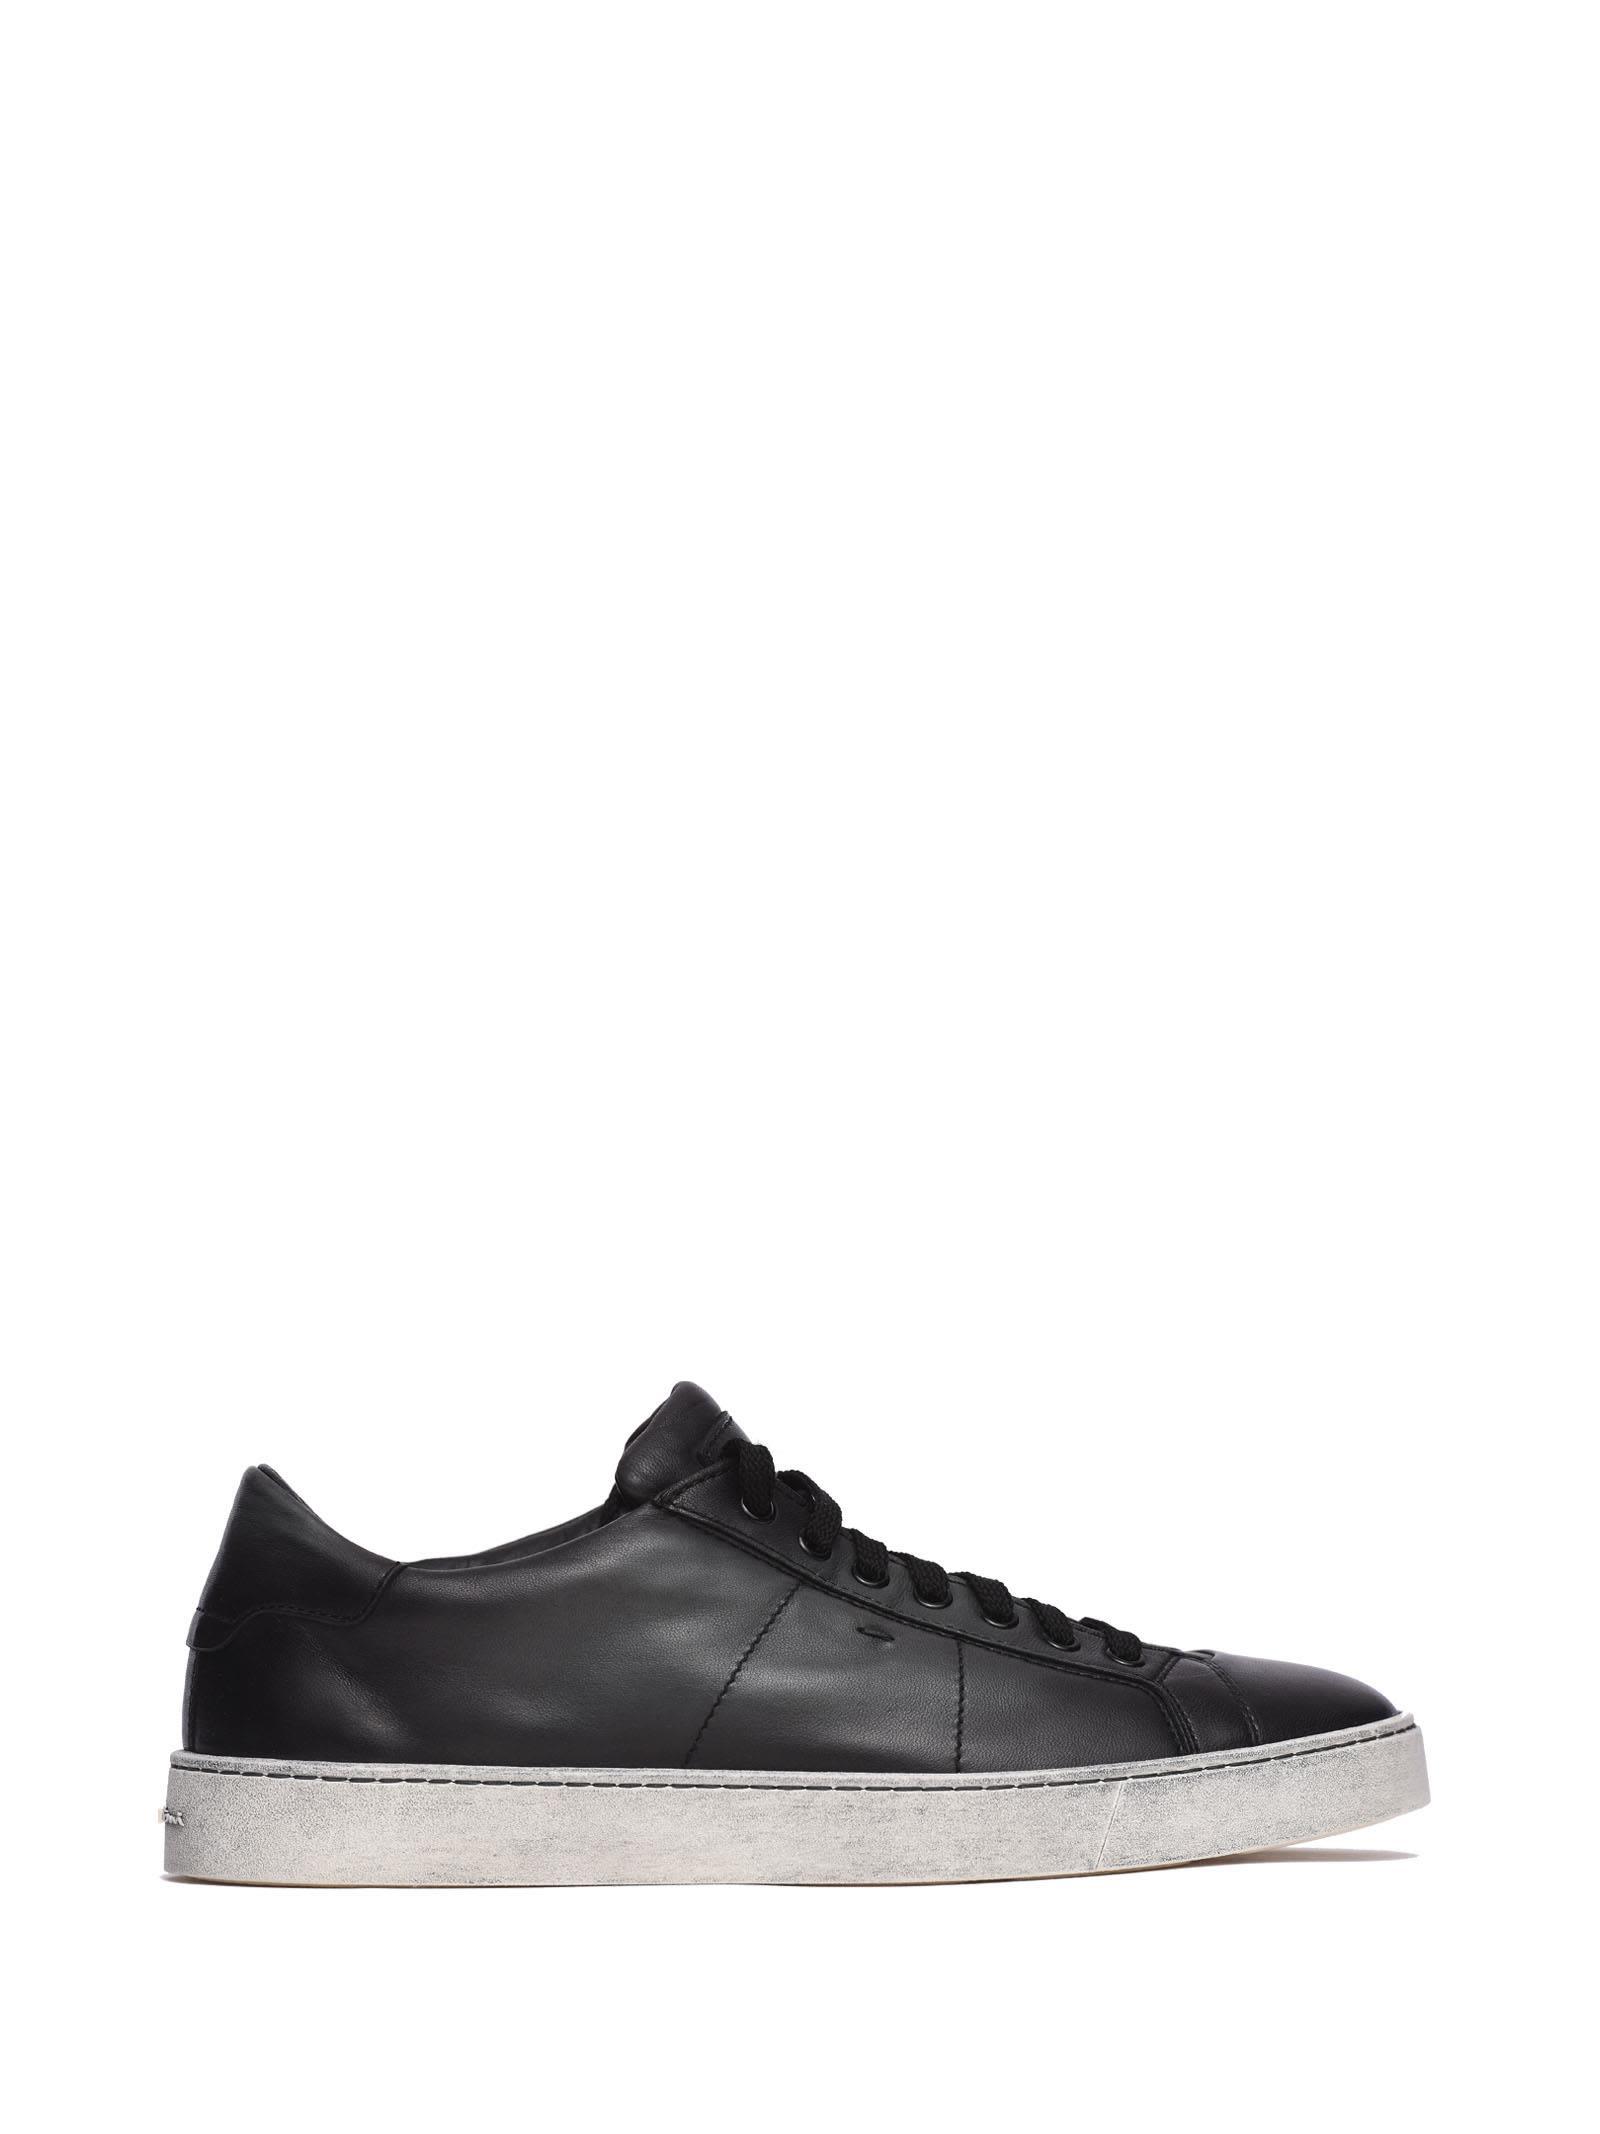 Santoni Nappa Sneakers Black